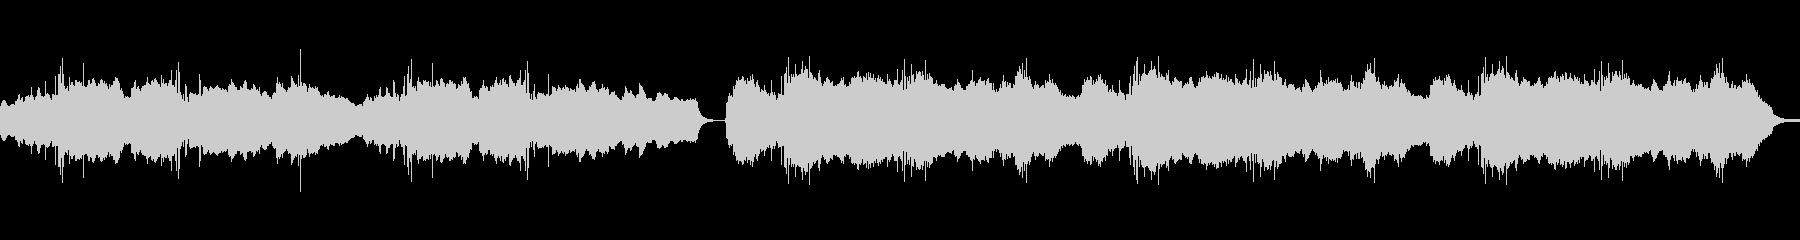 自然音とヒーリング音楽のコラボレーションの未再生の波形